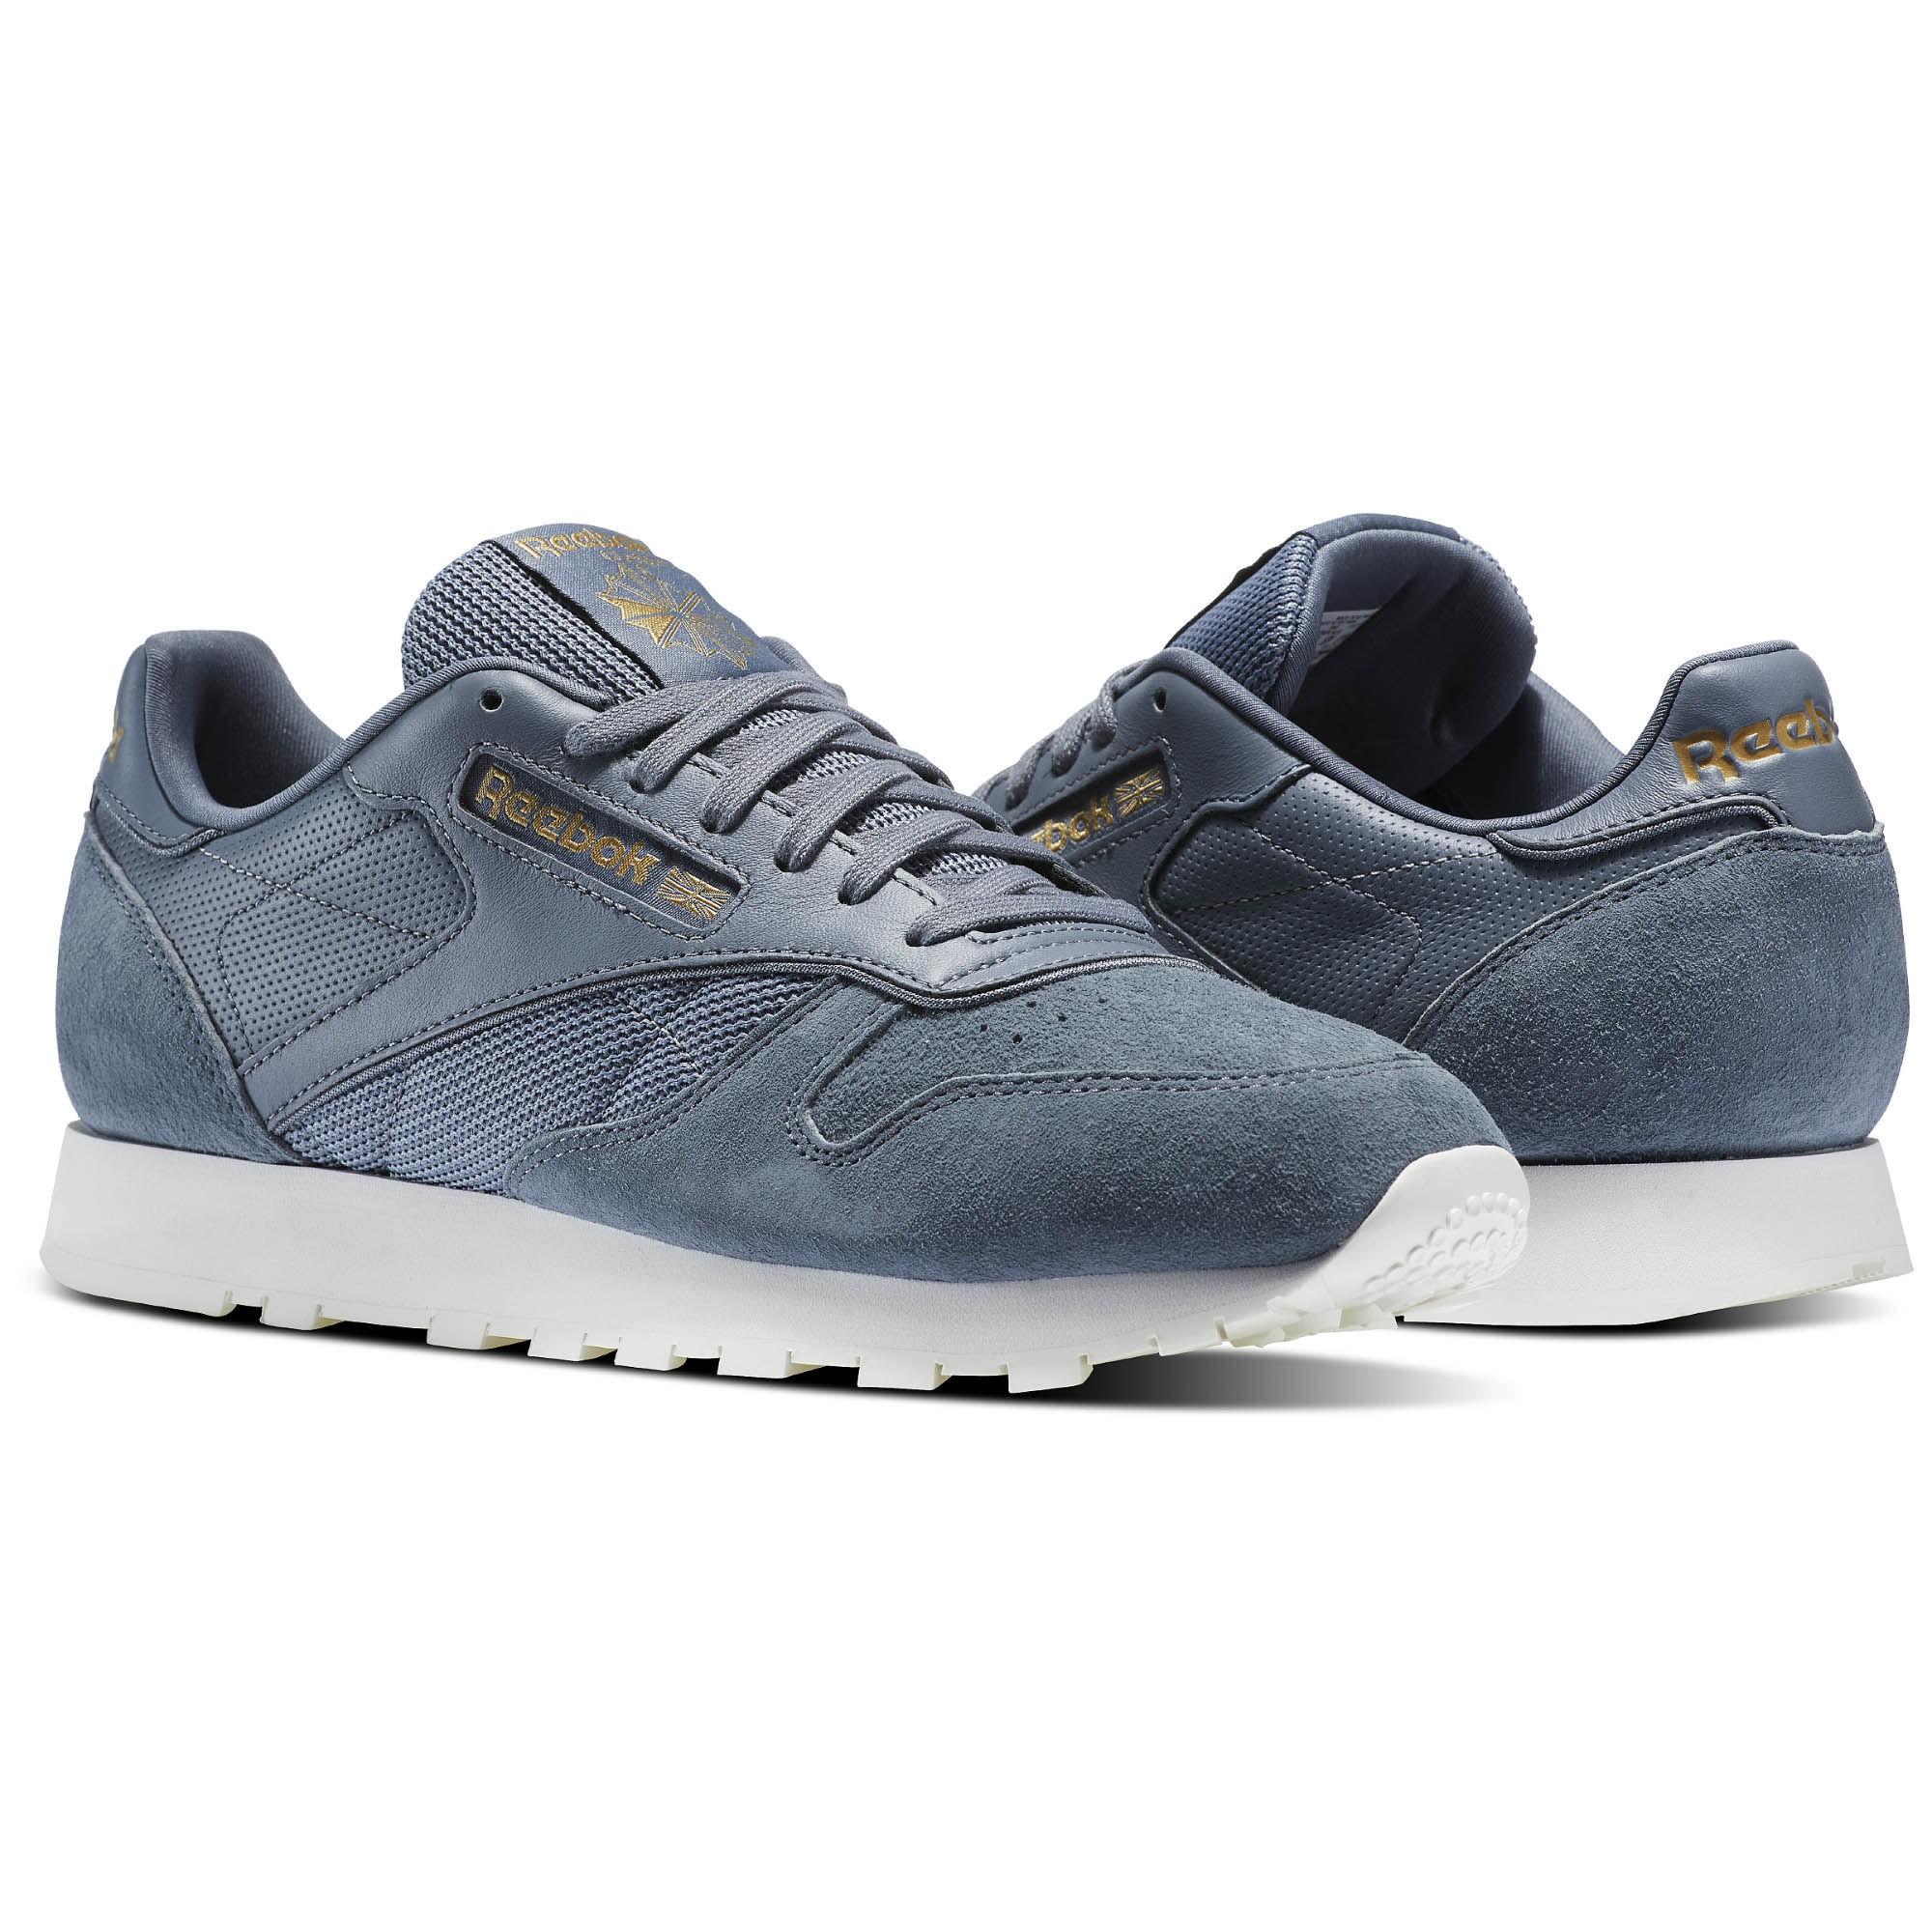 Scarpe In Reebok Sneakers Azzurro Alr Classic Leather Camoscio Uomo  qxpC6q7wa cec16f2d4c2